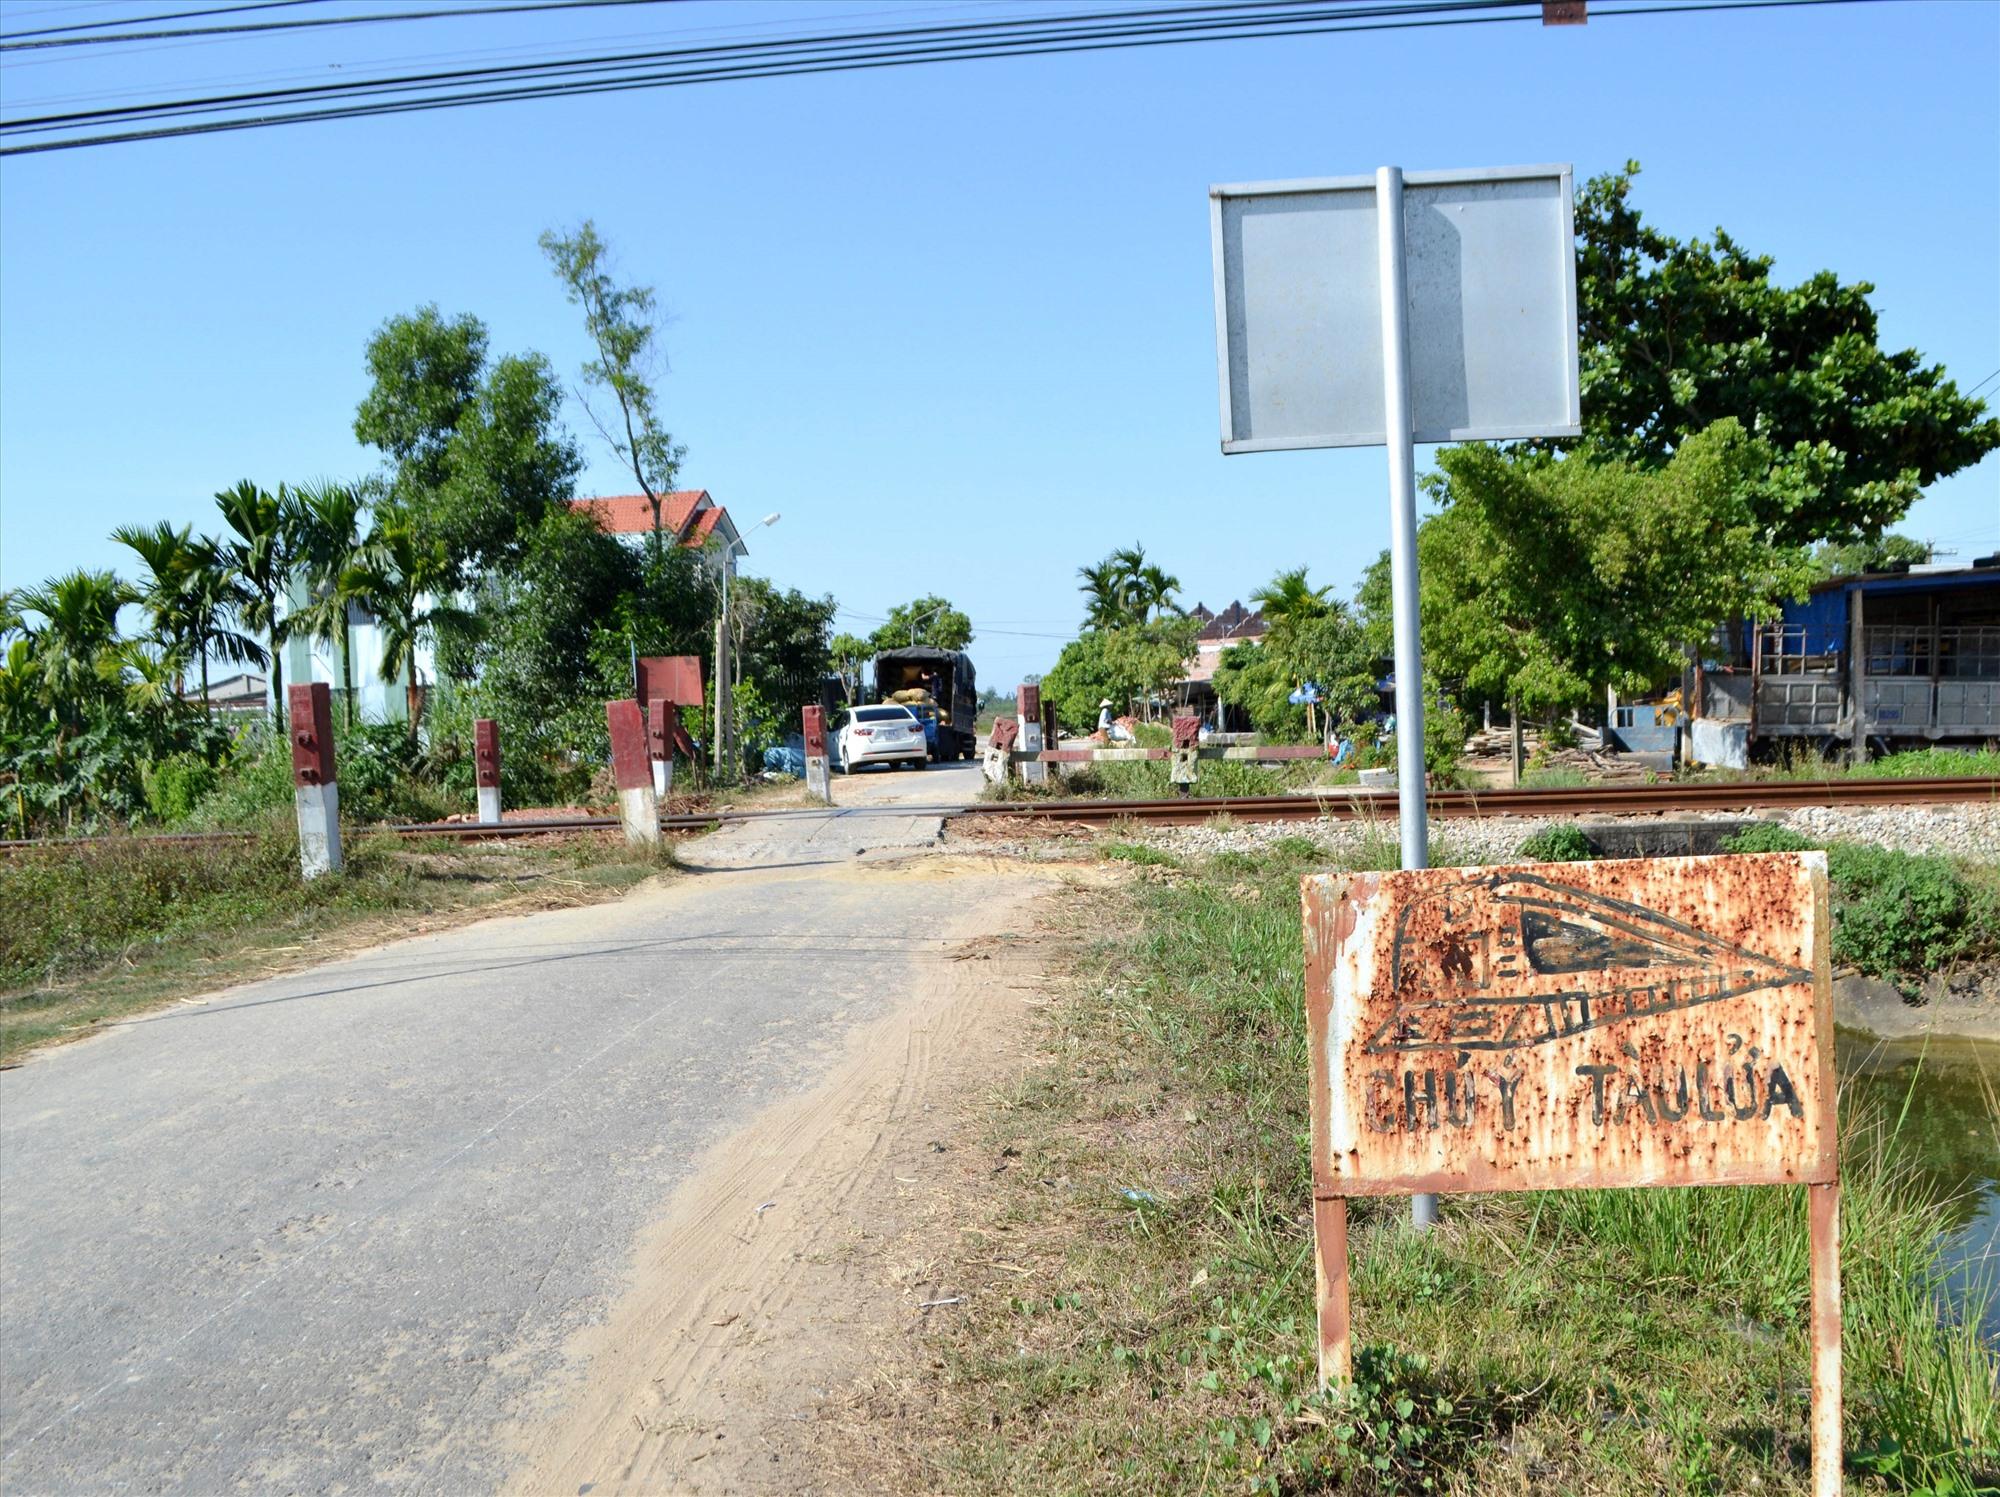 Biển báo cảnh báo quá cũ kỹ tại một lối đi tự mở băng qua đường sắt ở huyện Thăng Bình. Ảnh: S.C